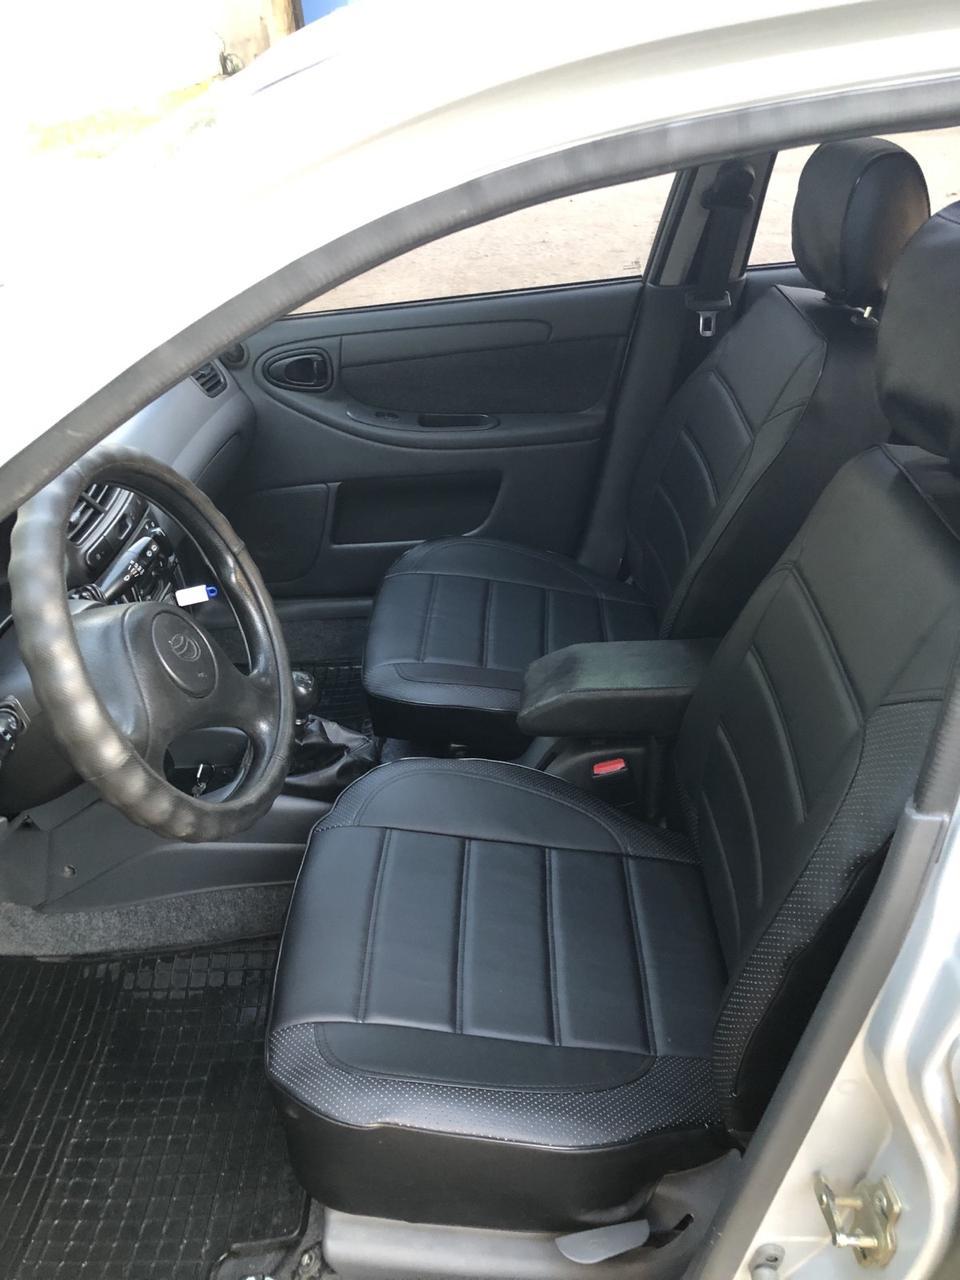 Чехлы на сиденья Джили МК2 (Geely MK2) модельные MAX-L из экокожи Черный